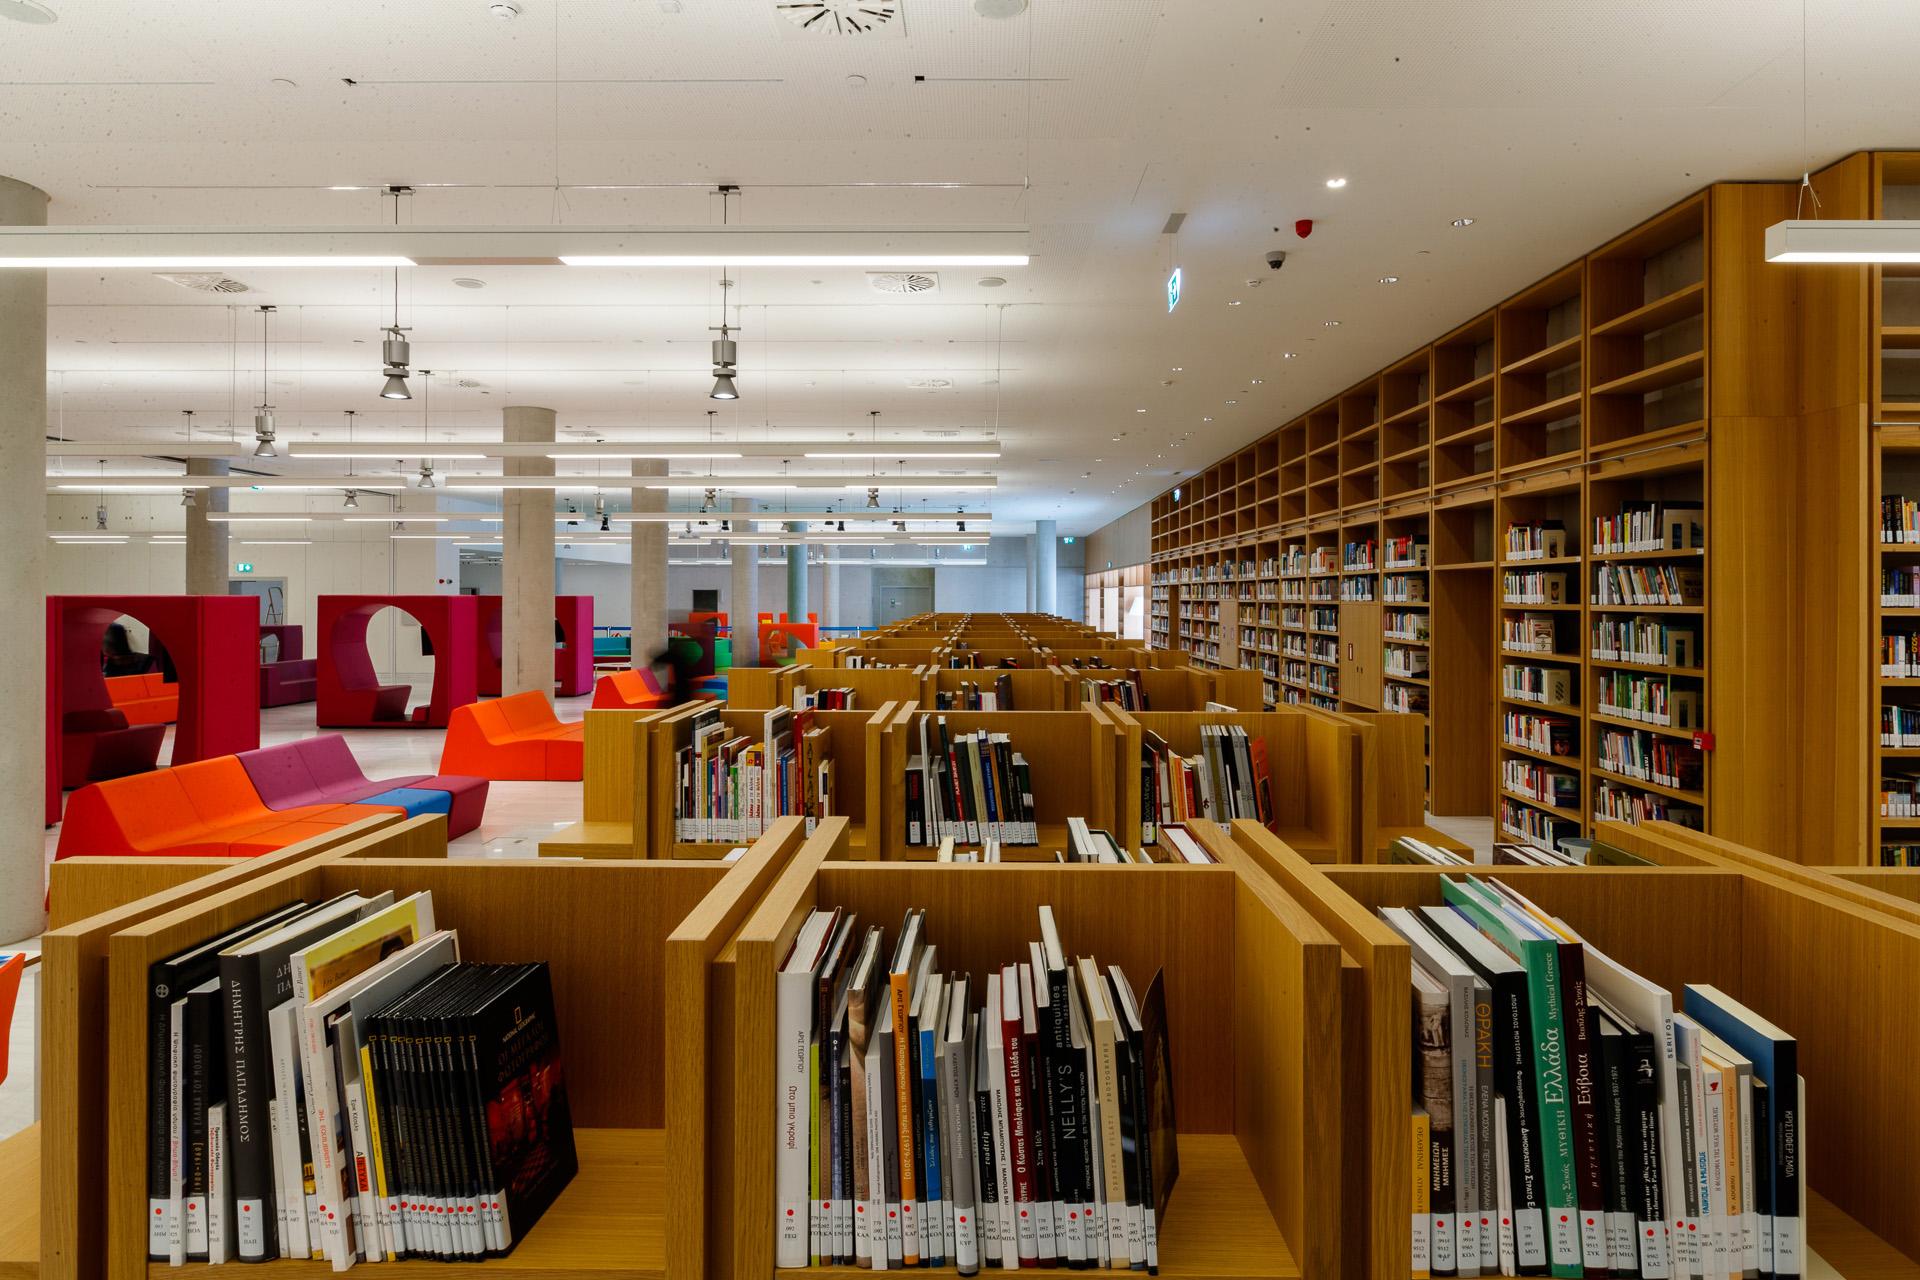 Δανειστικό Τμήμα της Εθνικής Βιβλιοθήκης της Ελλάδος ©ΕΒΕ_Νίκος Καρανικόλας